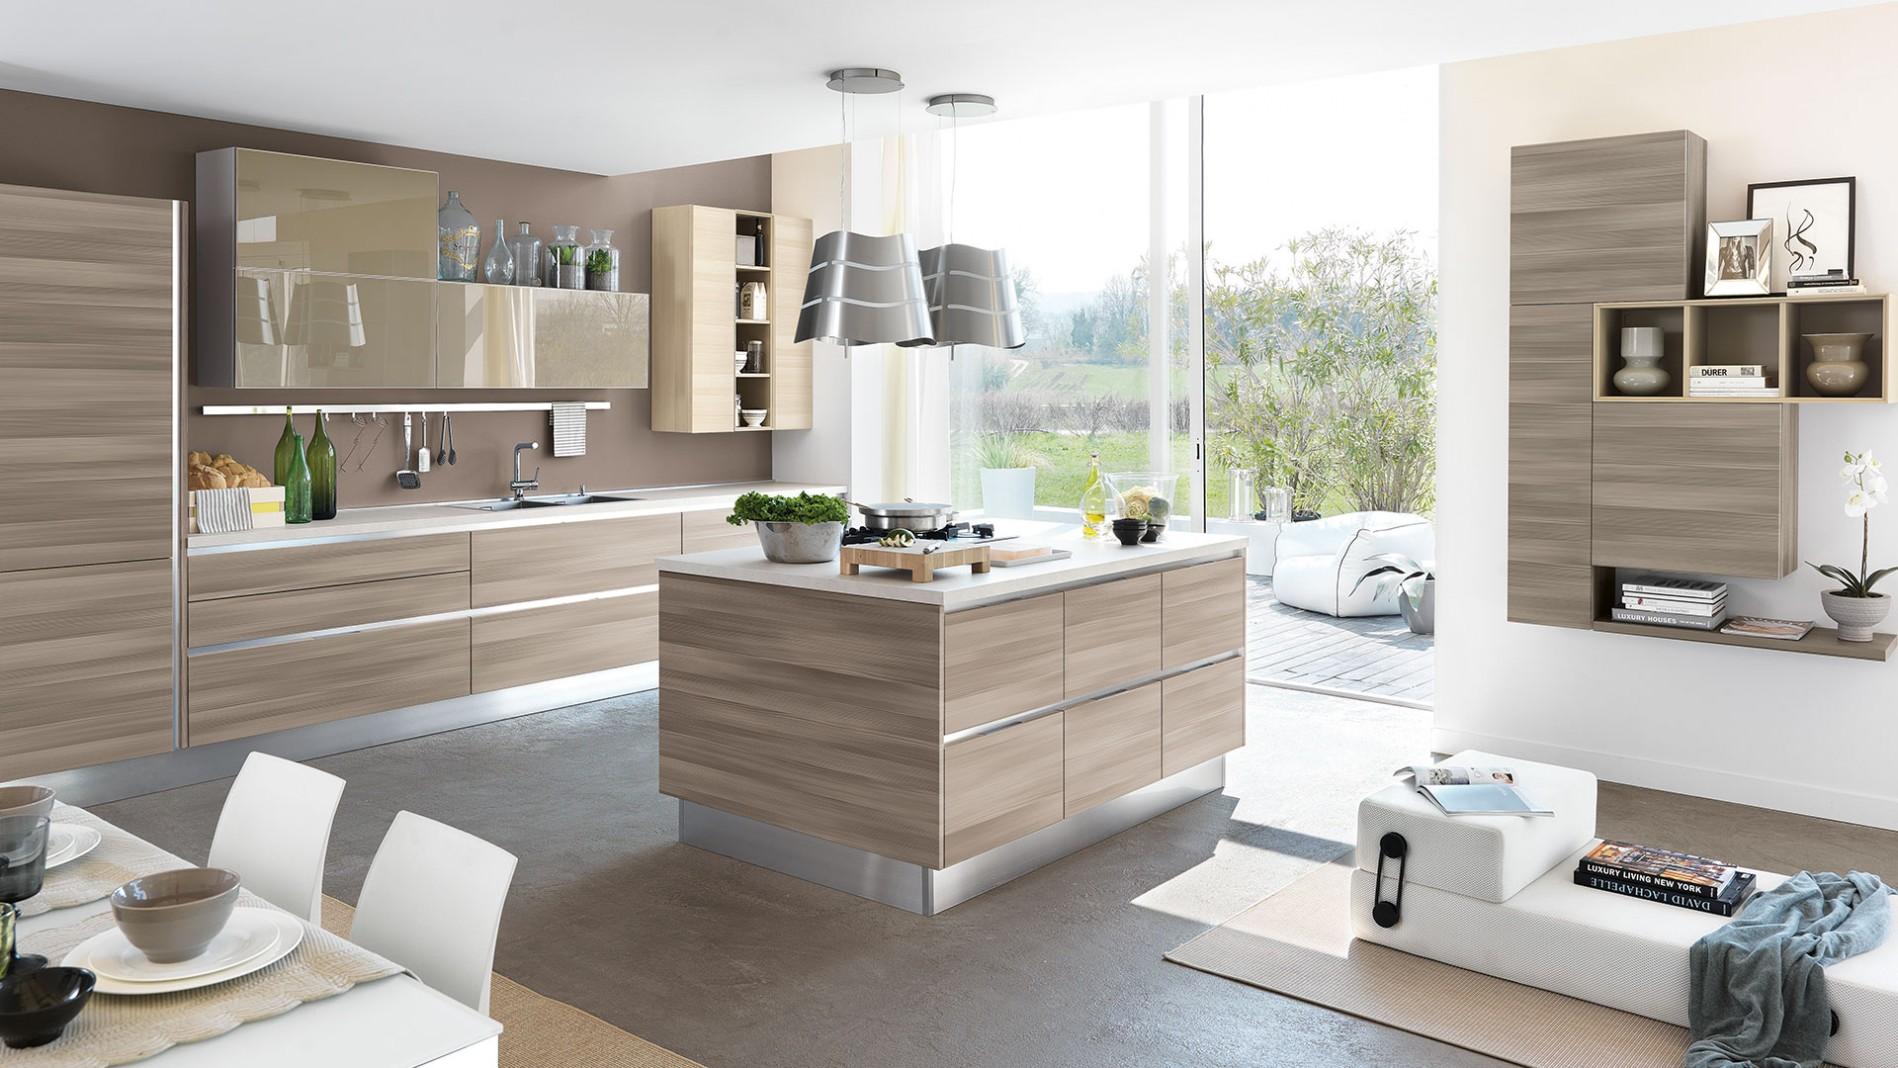 Küchen Modell Gallery - mobili italiani, italienische möbel